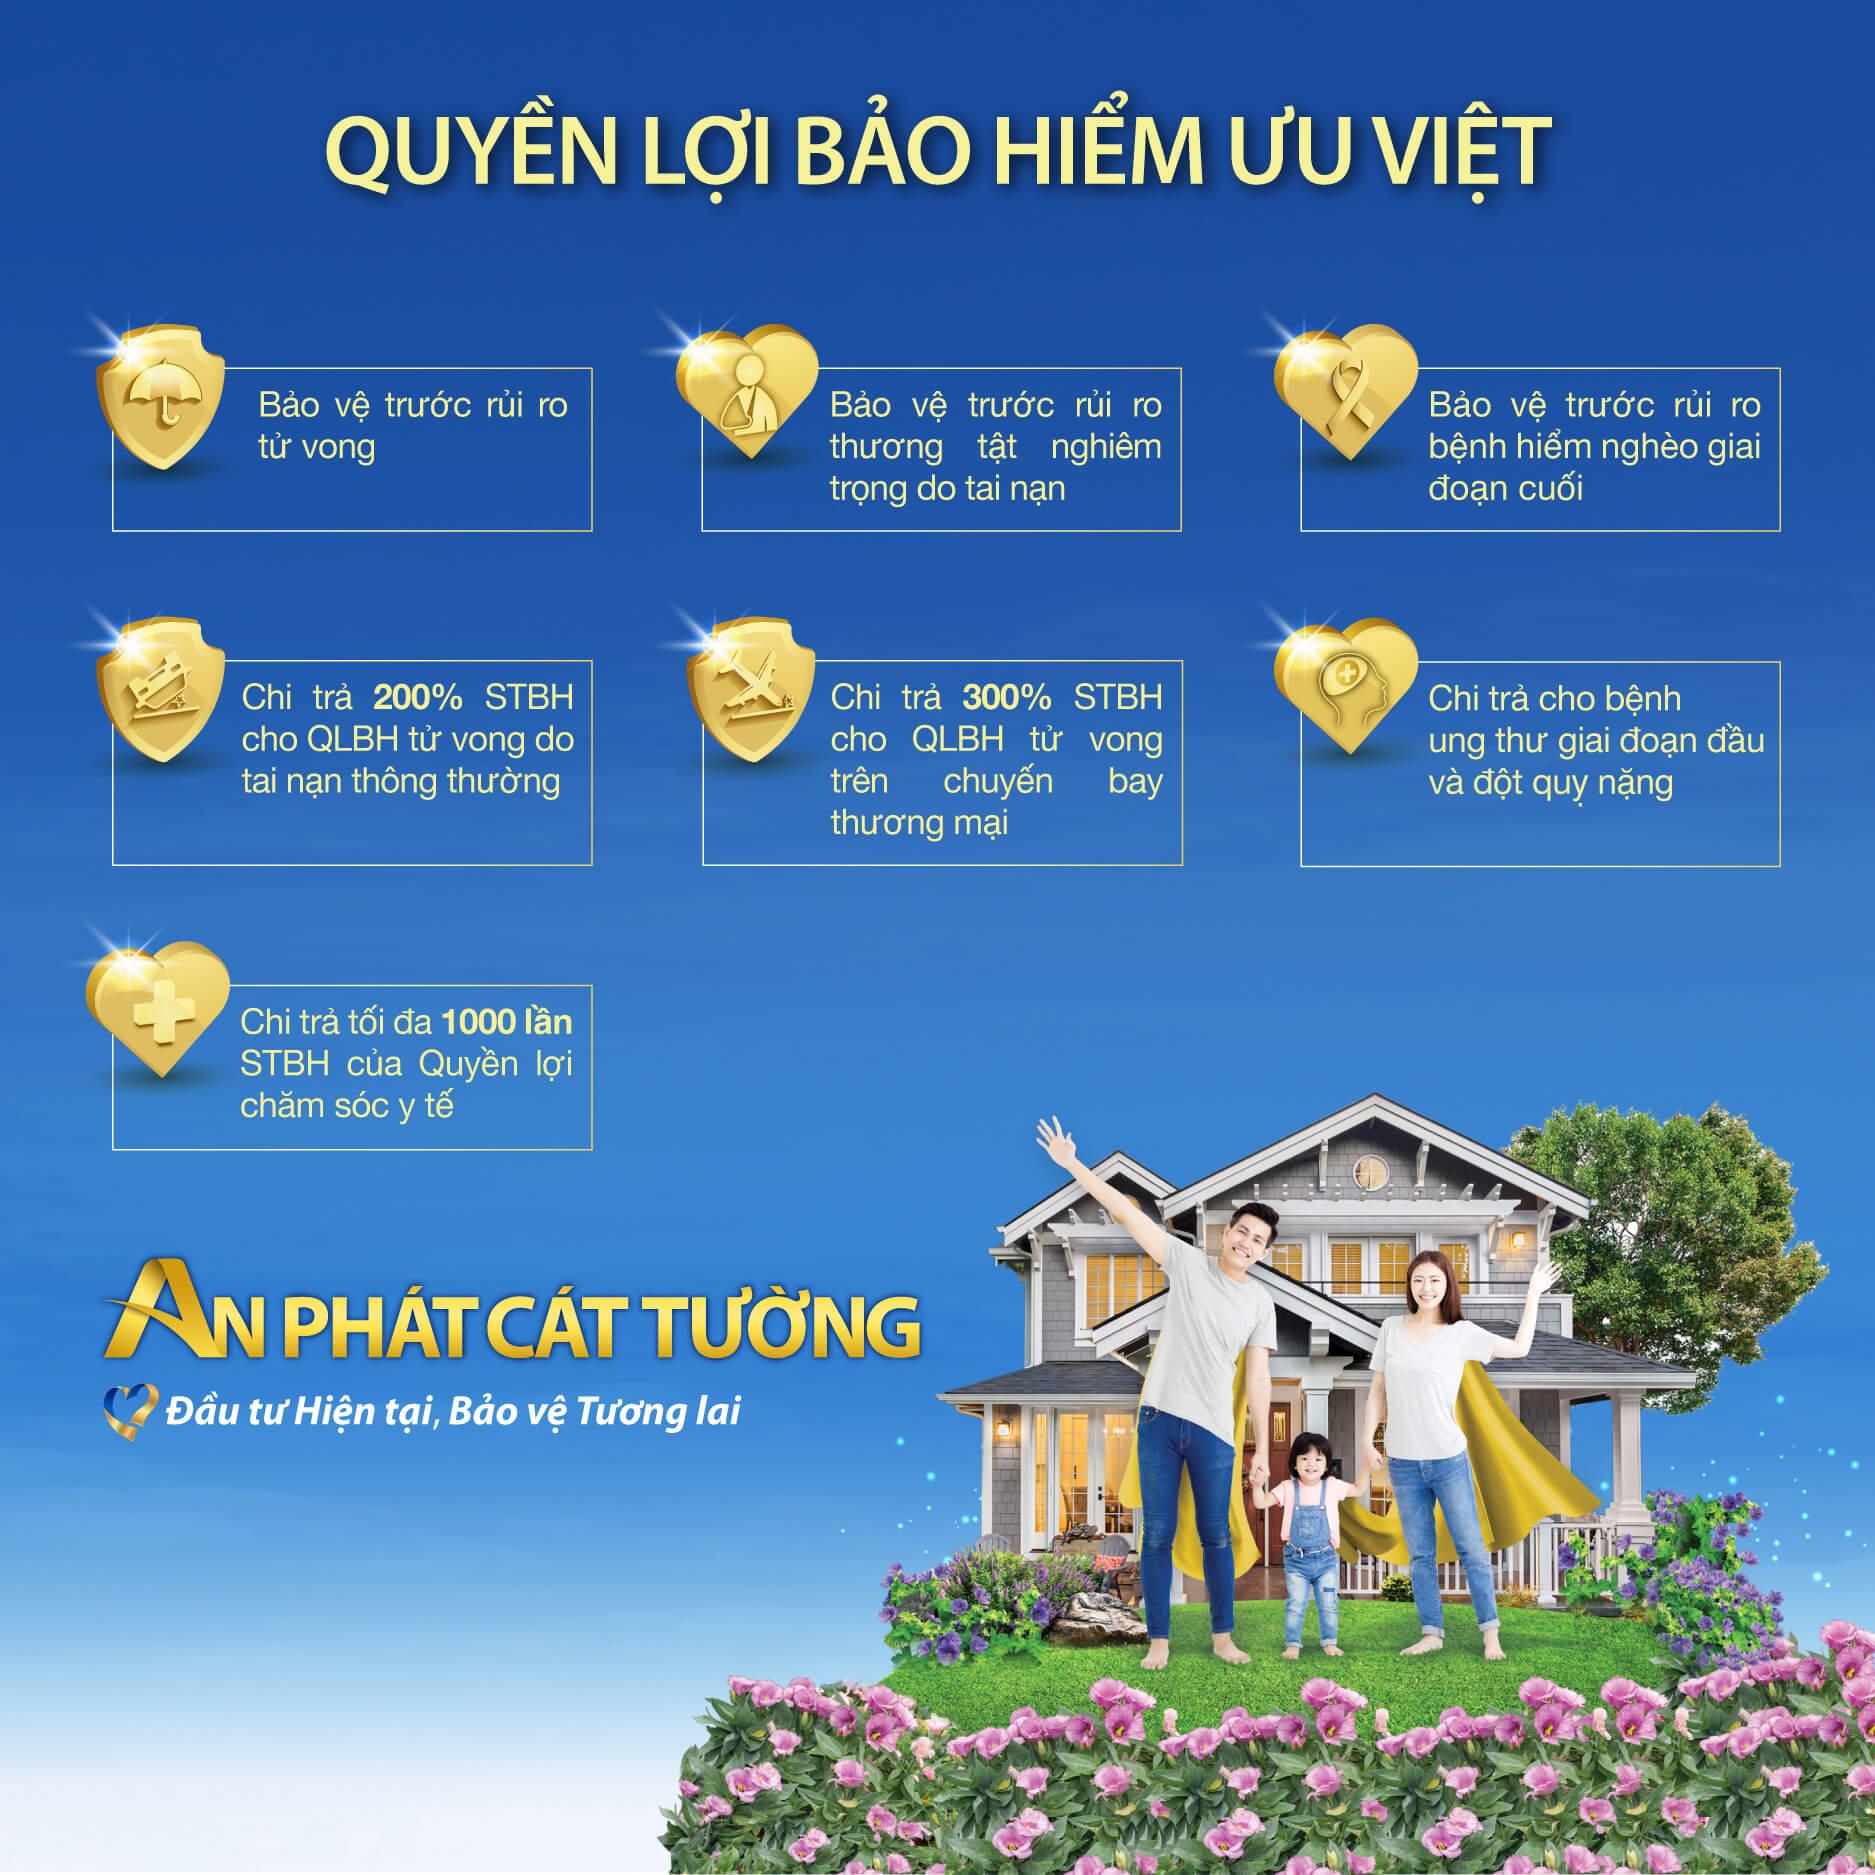 Quyen-loi-bao-ve-An-Phat-Cat-Tuong